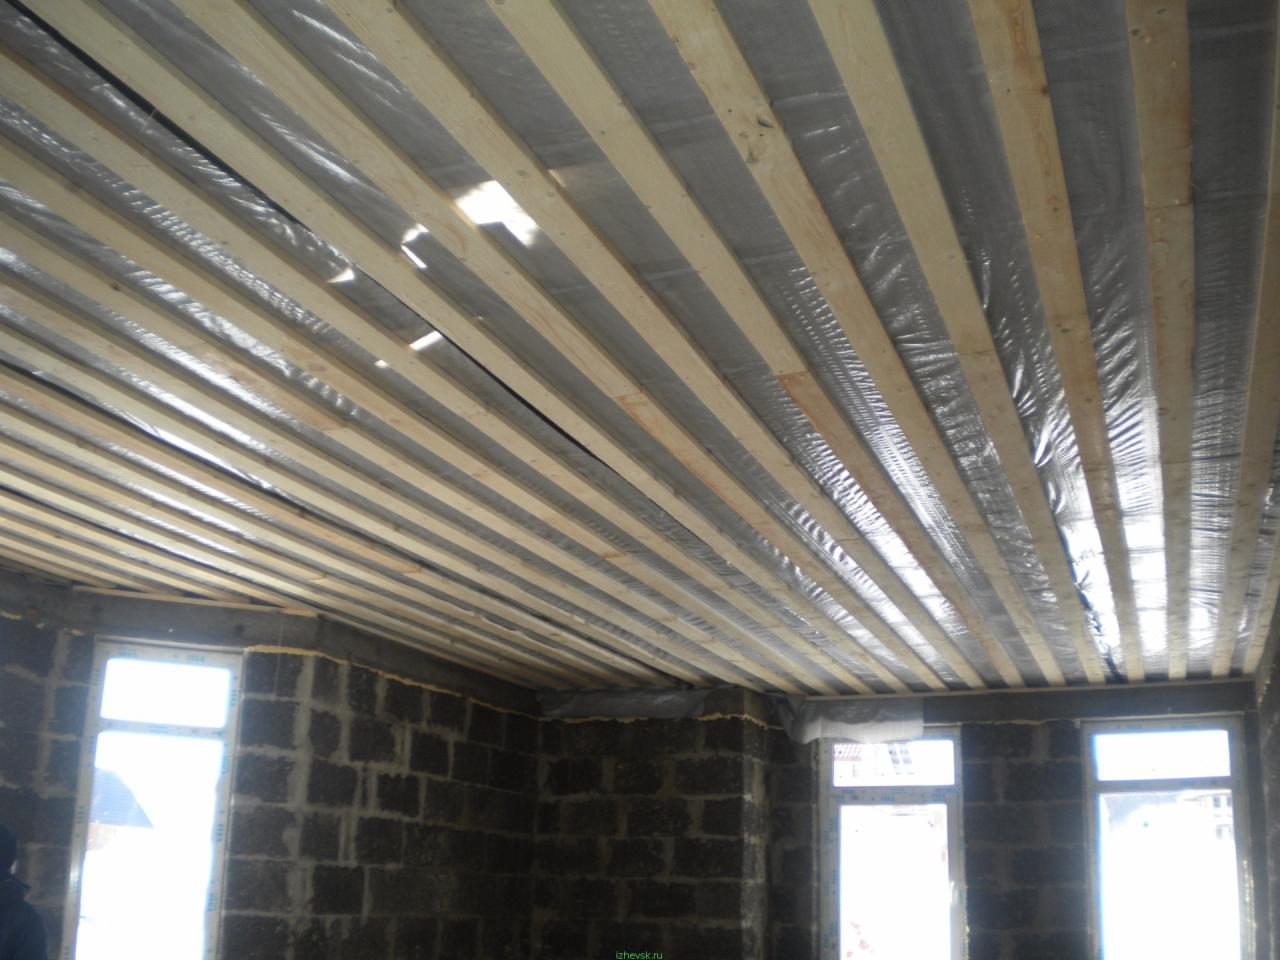 Чем подшить потолок по деревянным балкам: различные варианты